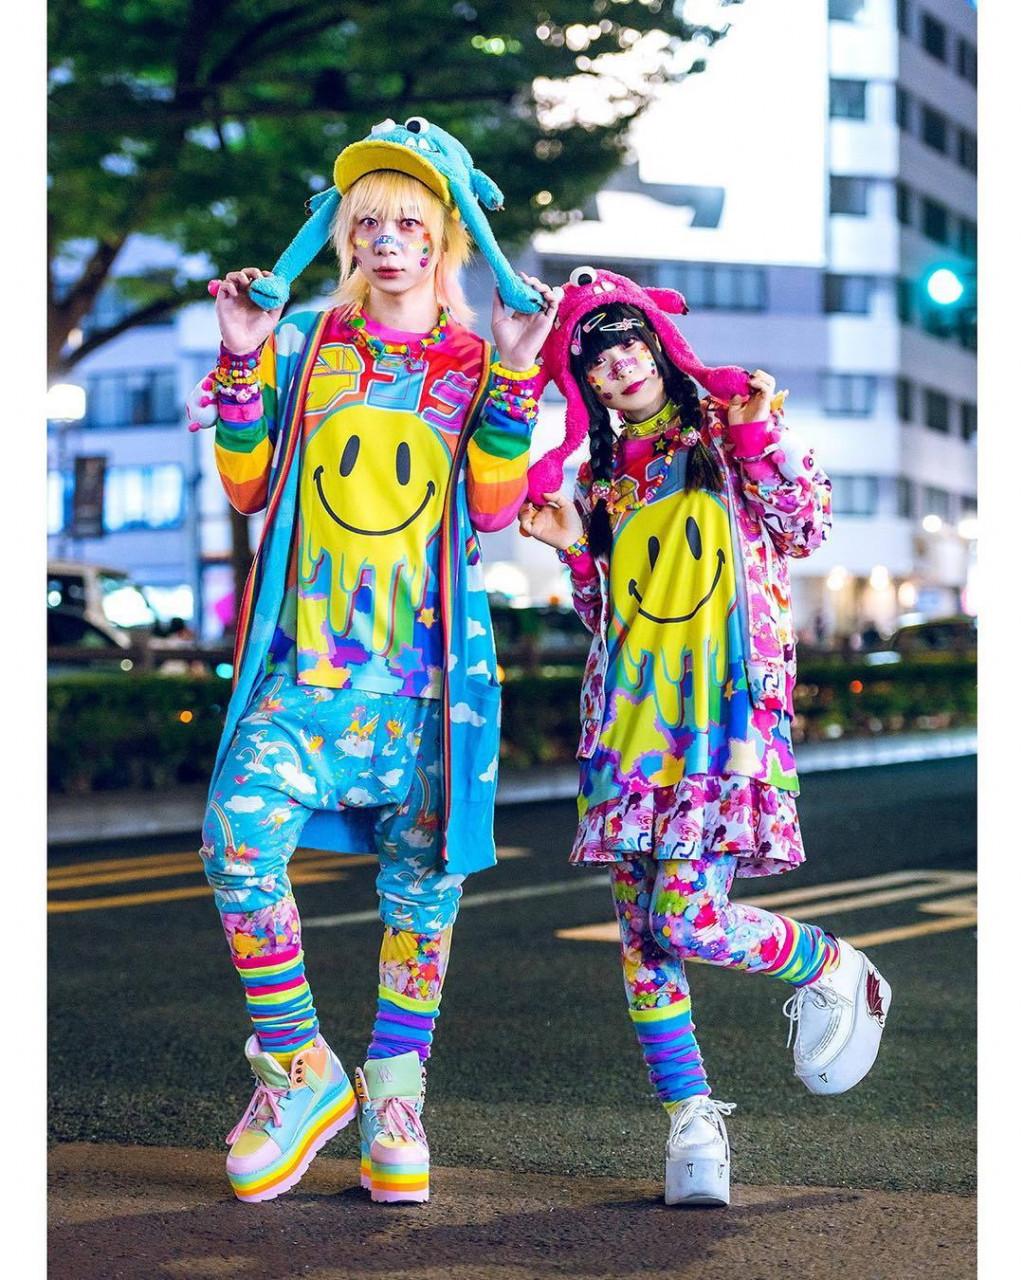 harajuku fashion walk singapore